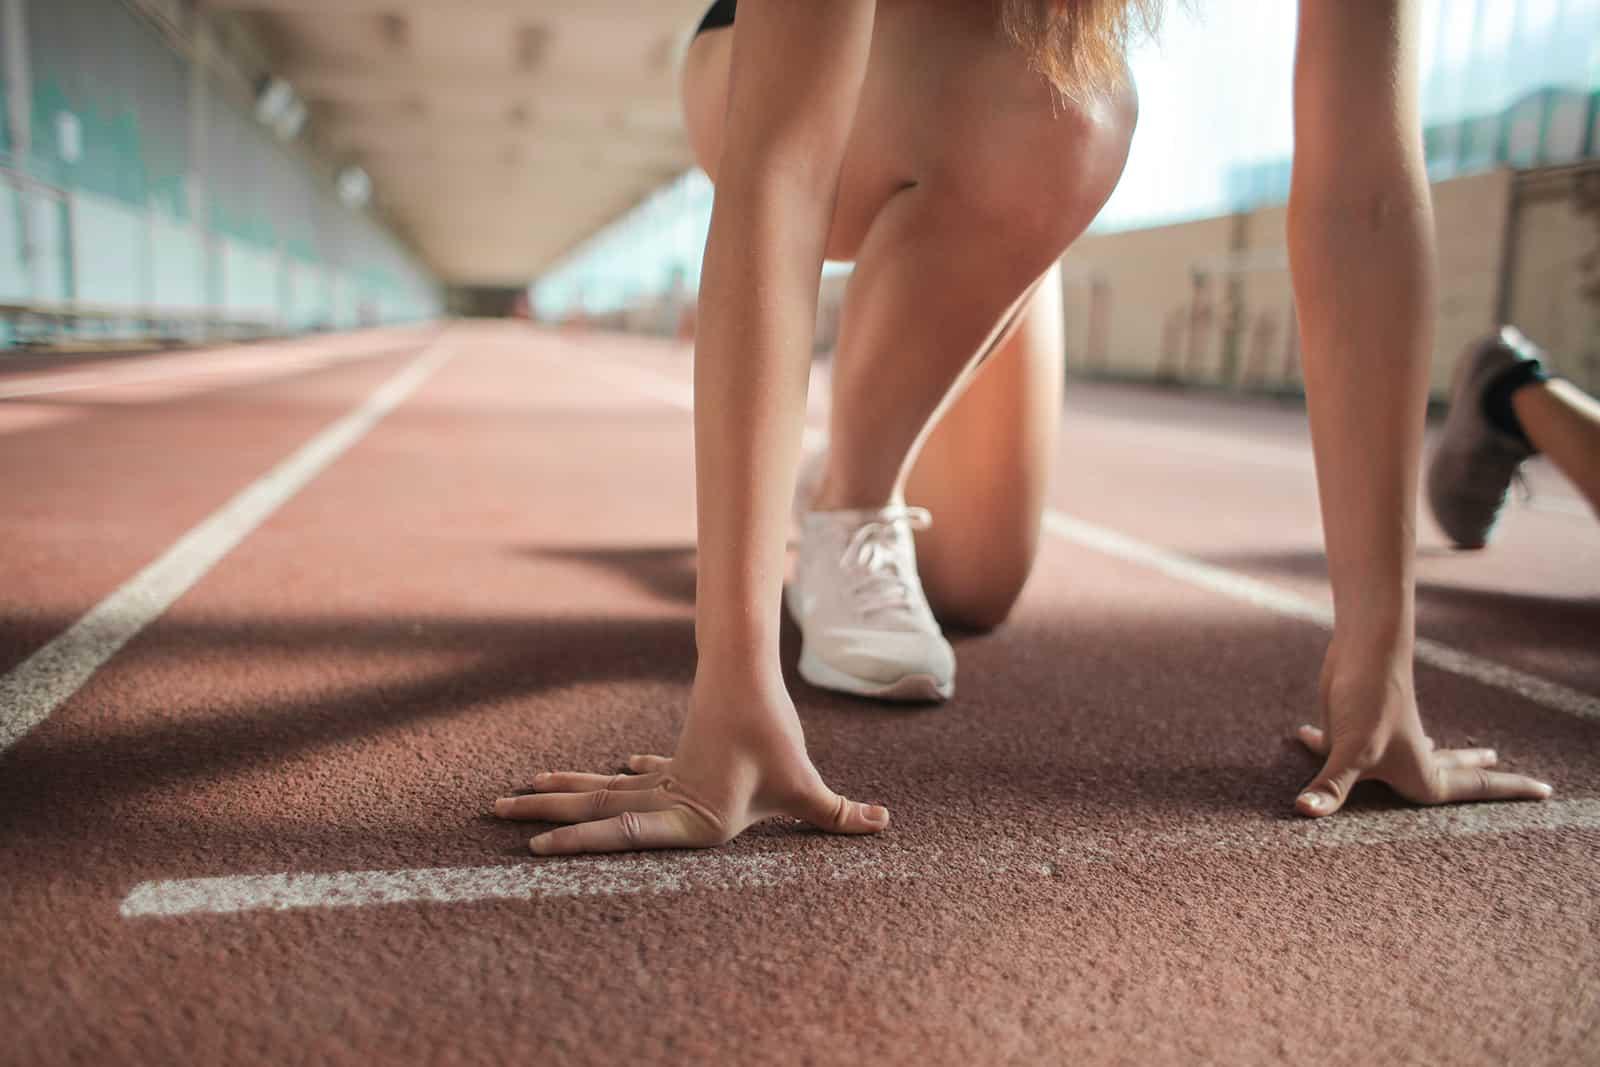 eine Frau, die auf der Startlinie steht und bereit ist, auf der Athletenbahn zu laufen